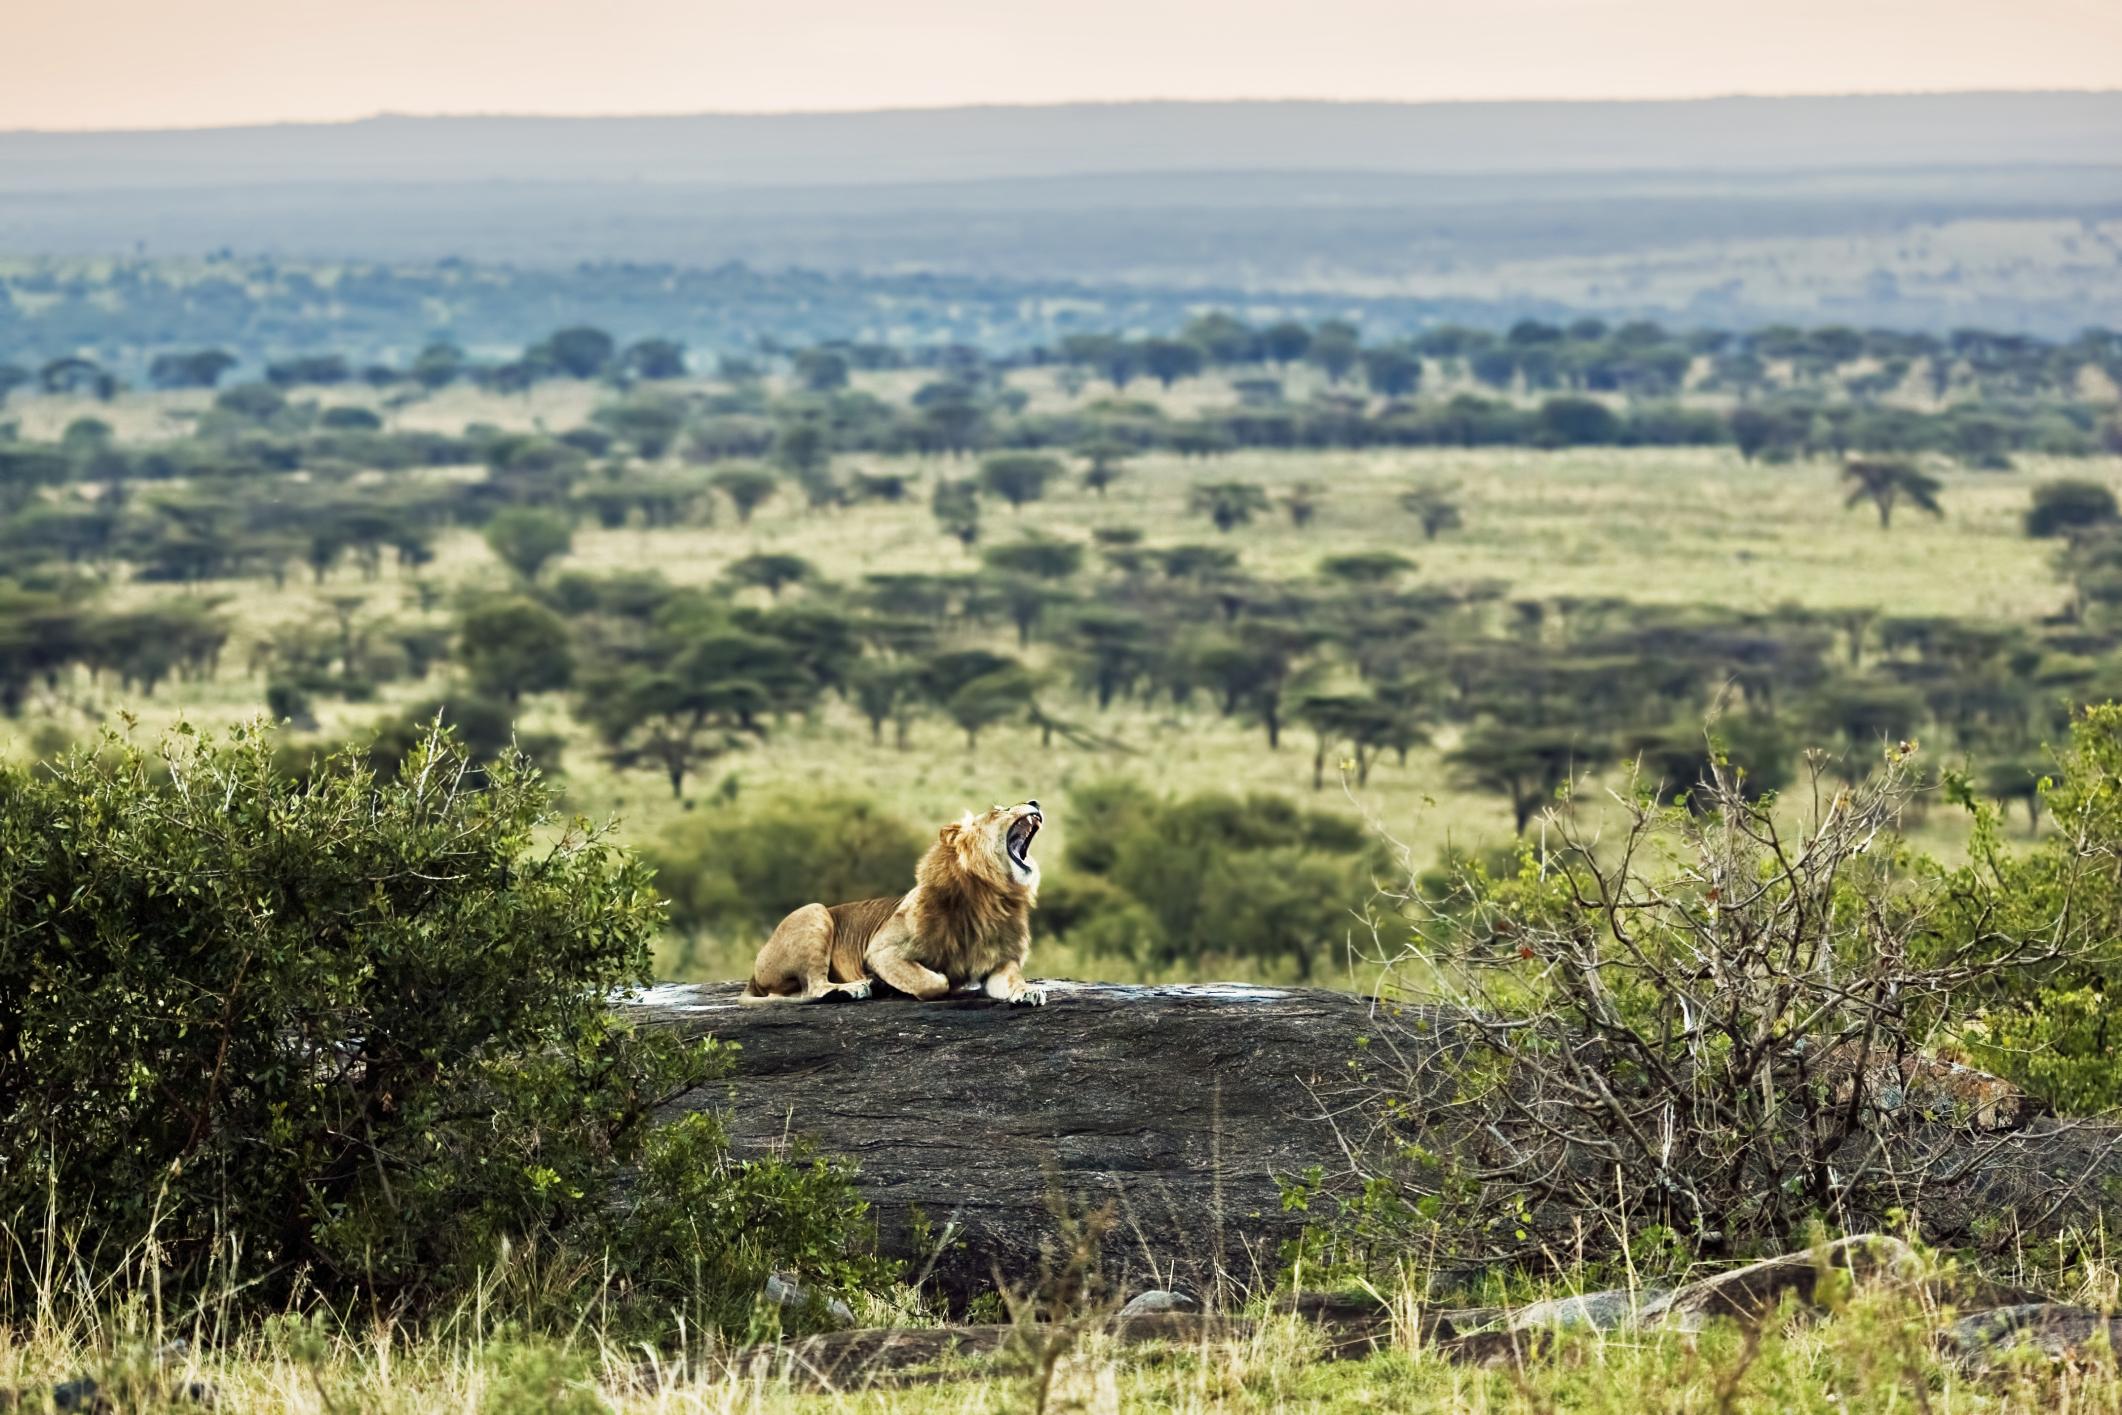 Serengeti-4Tage Camping Safari Tansania mit Tansania Reisen-touring-afrika.de